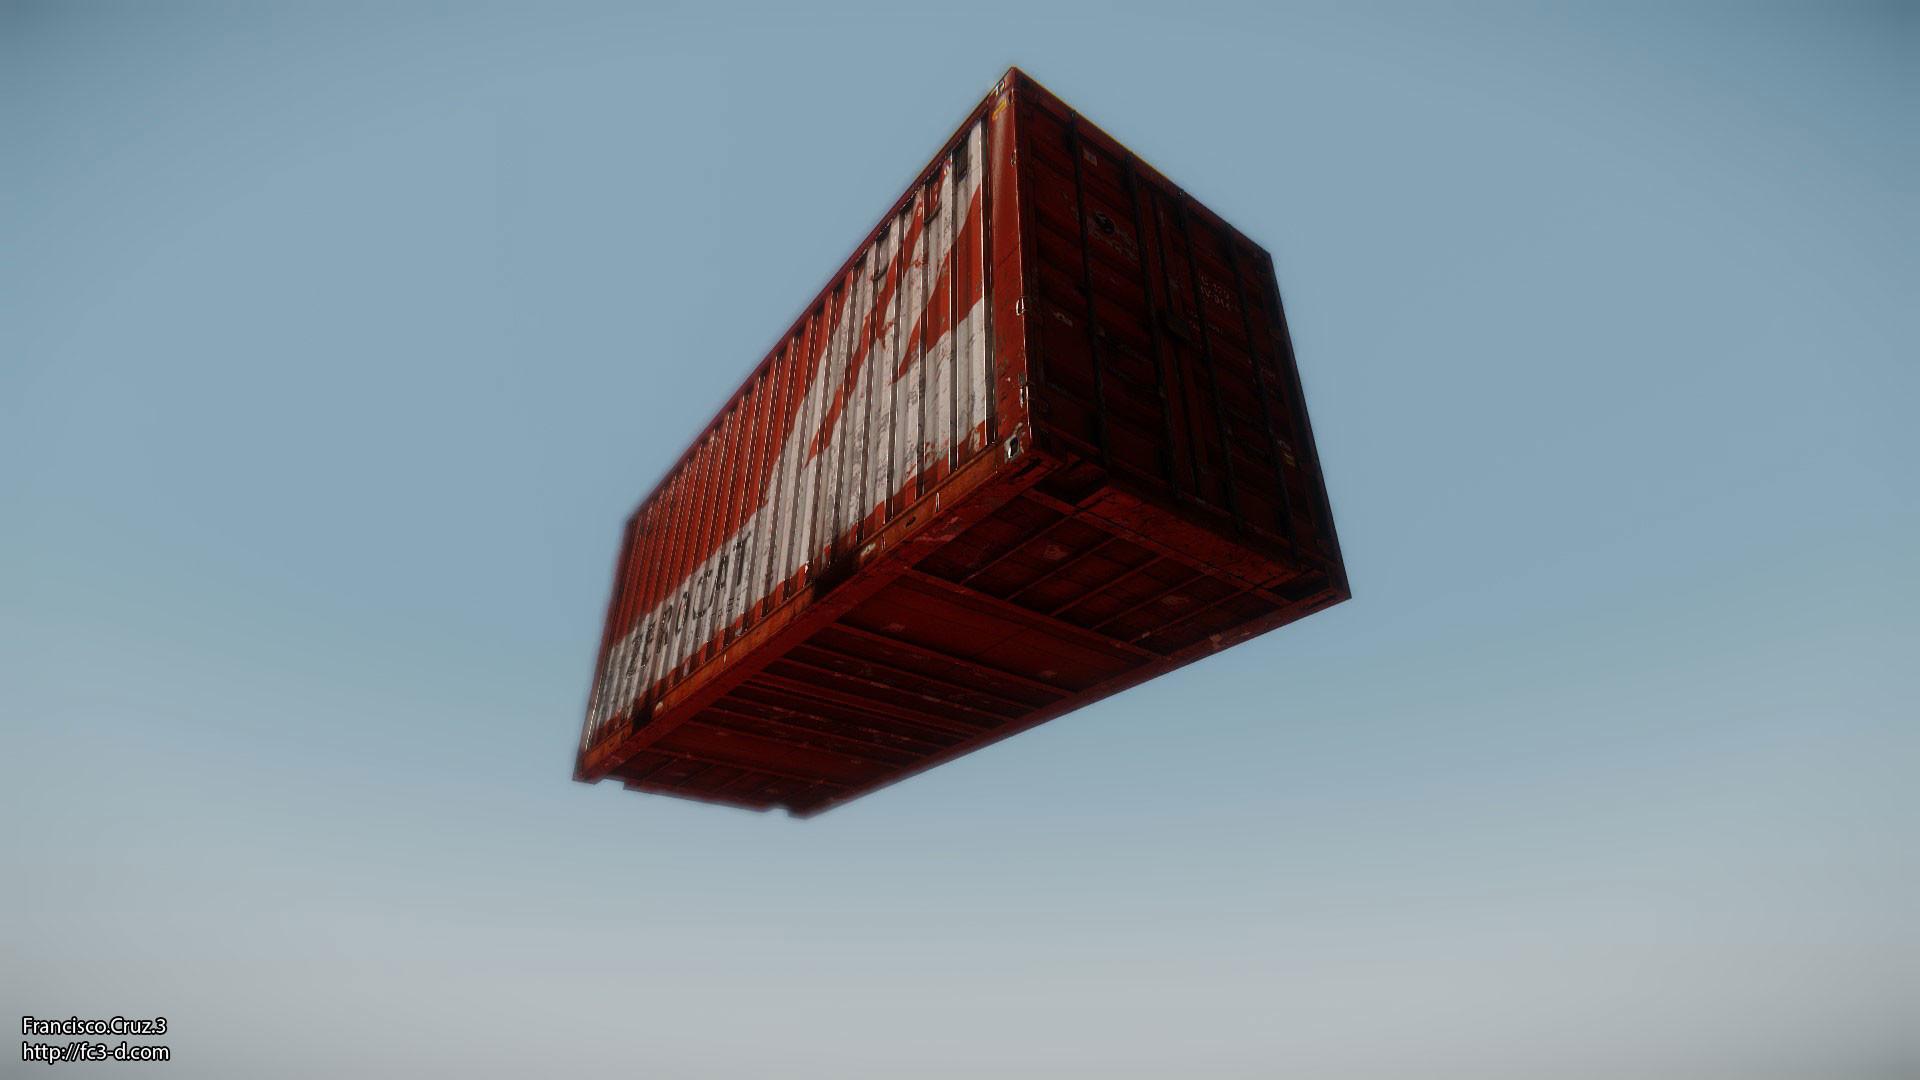 Francisco cruz fc3 container 10